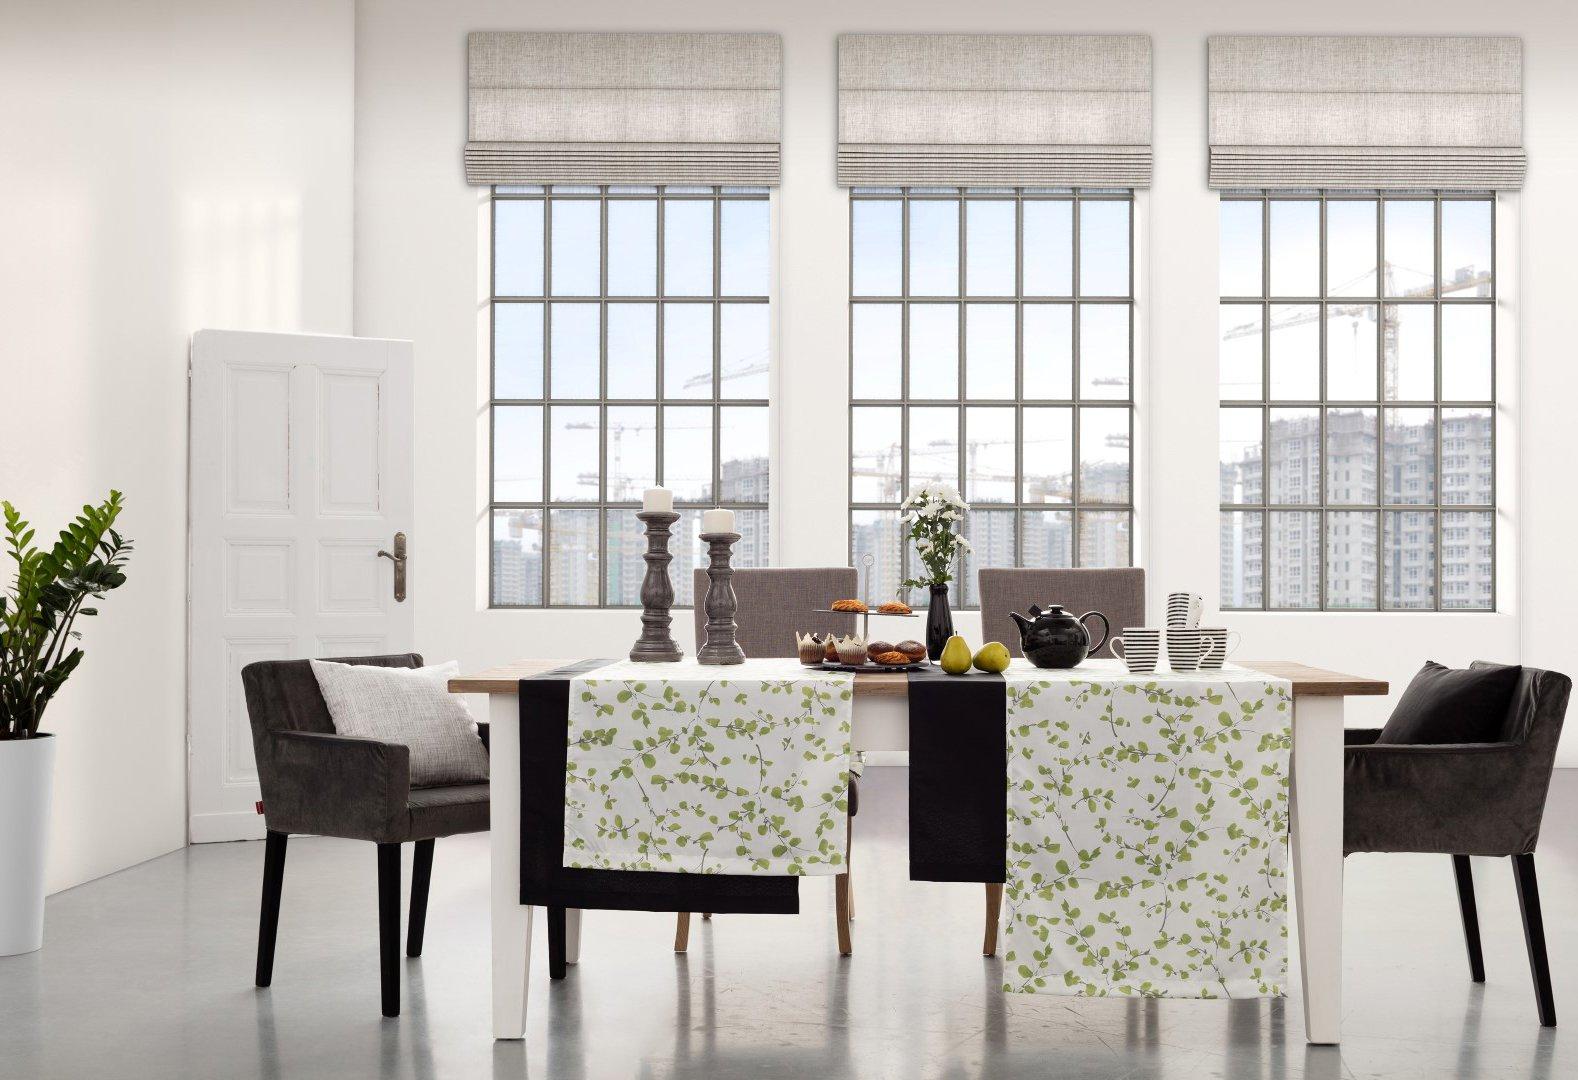 Jedáleň v industriálnom interiéri